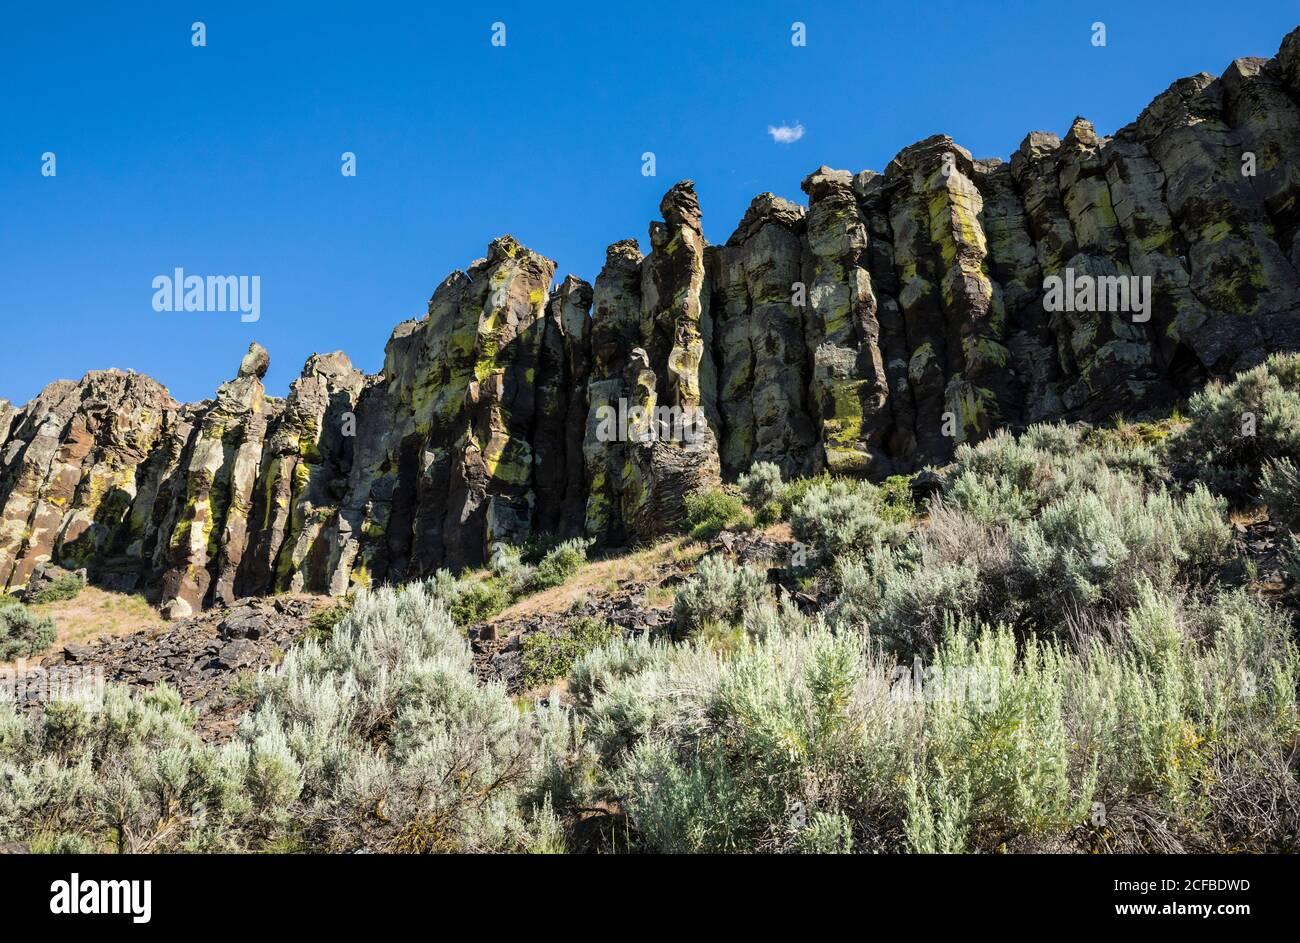 Formation de roches de colonne de basalte avec lichens brillants à Frenchmans Coulee, dans l'est de Washington, aux États-Unis Banque D'Images